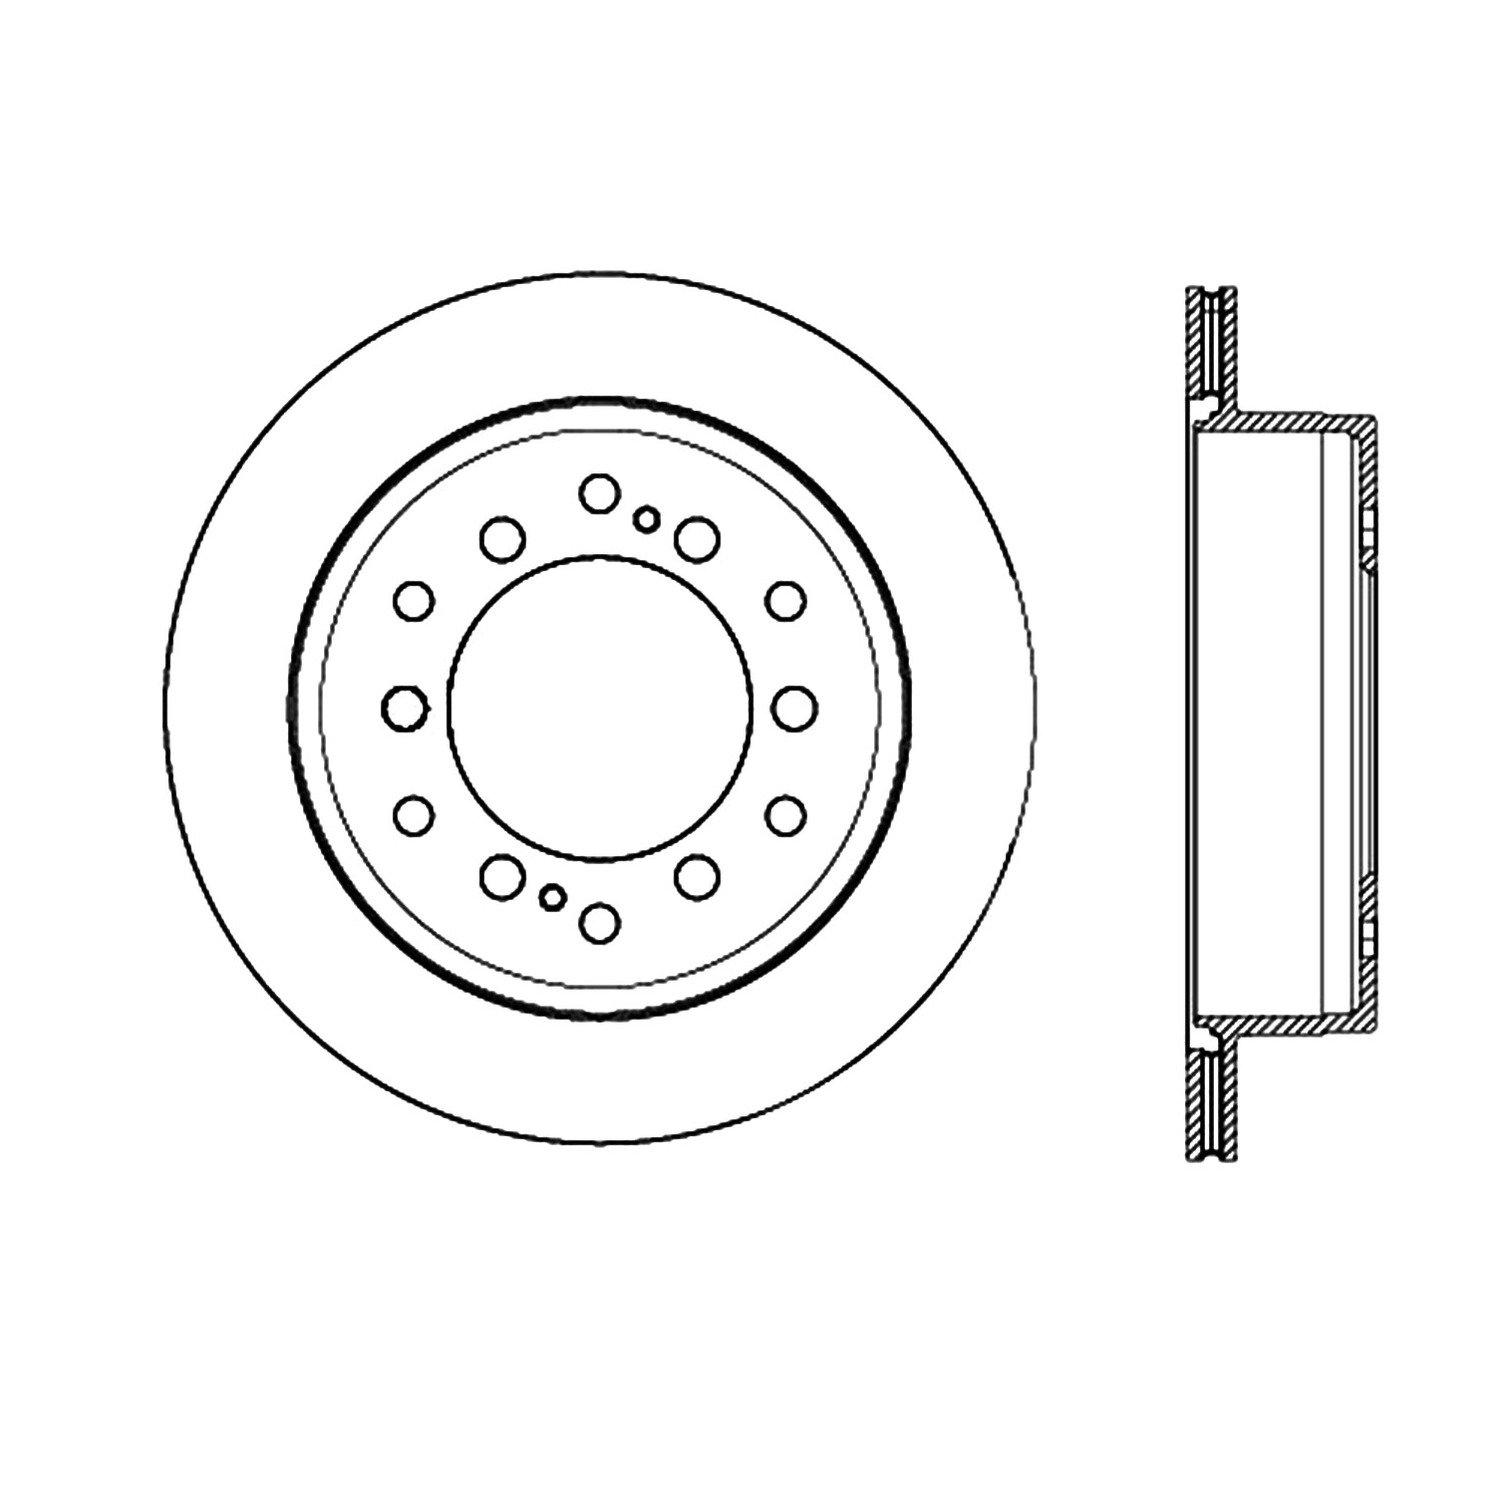 2013 toyota 4runner disc brake rotor autopartskart 1984 Toyota SR5 2013 toyota 4runner disc brake rotor ce 120 44175